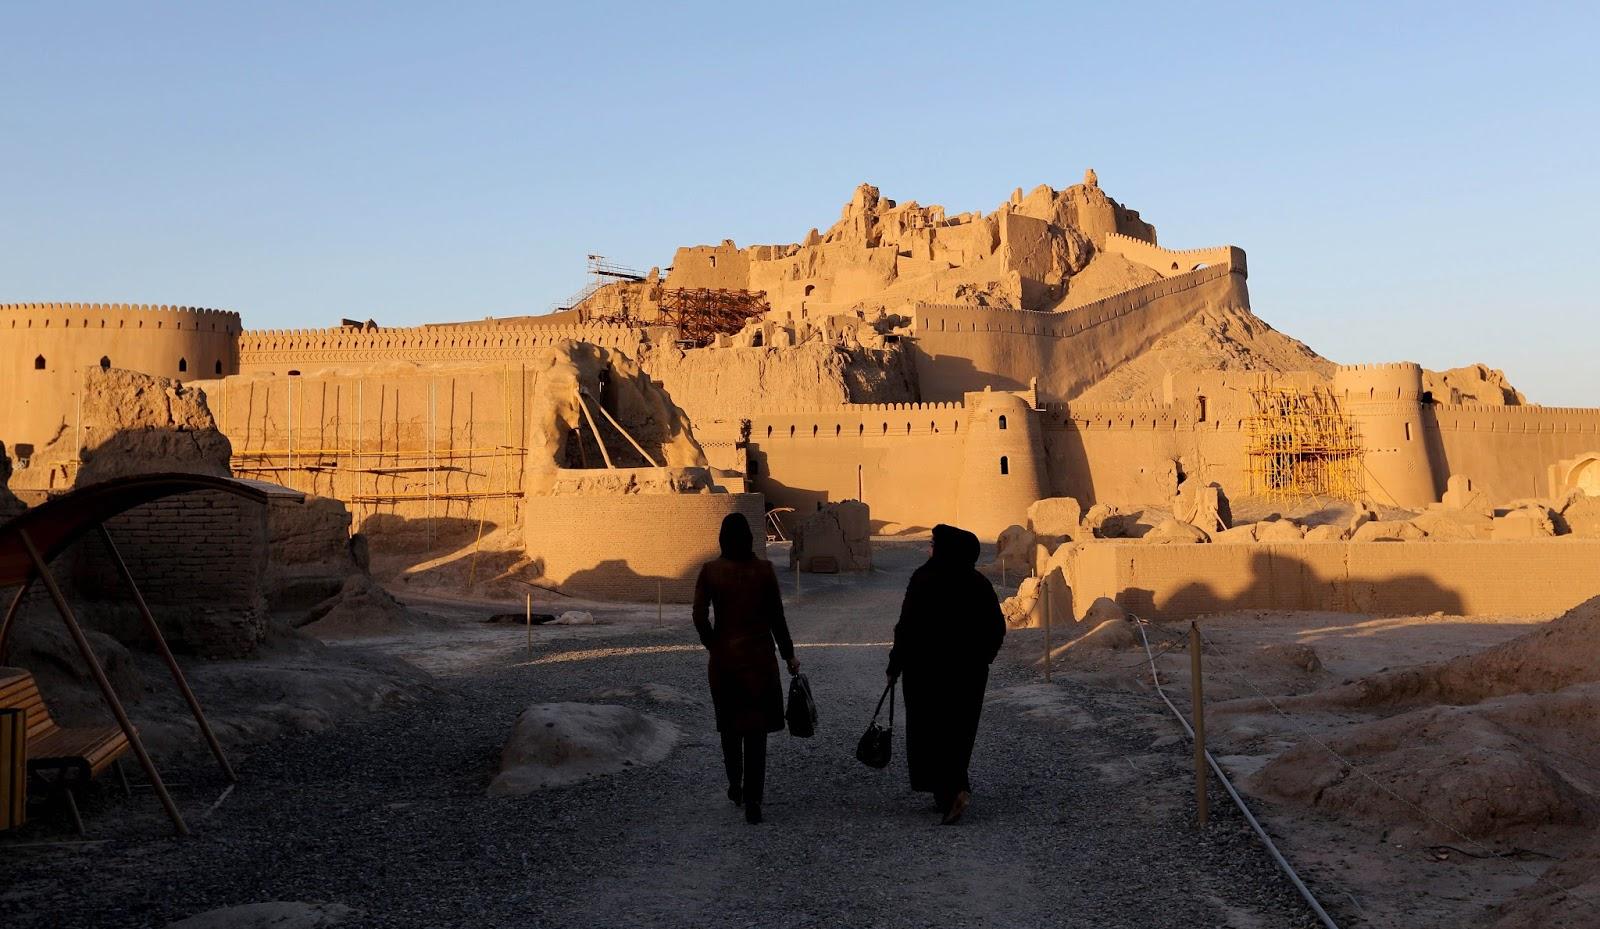 La citadelle d'Arg-é Bam, l'un des plus beaux édifices d'Iran ! Par Clément P. Bp